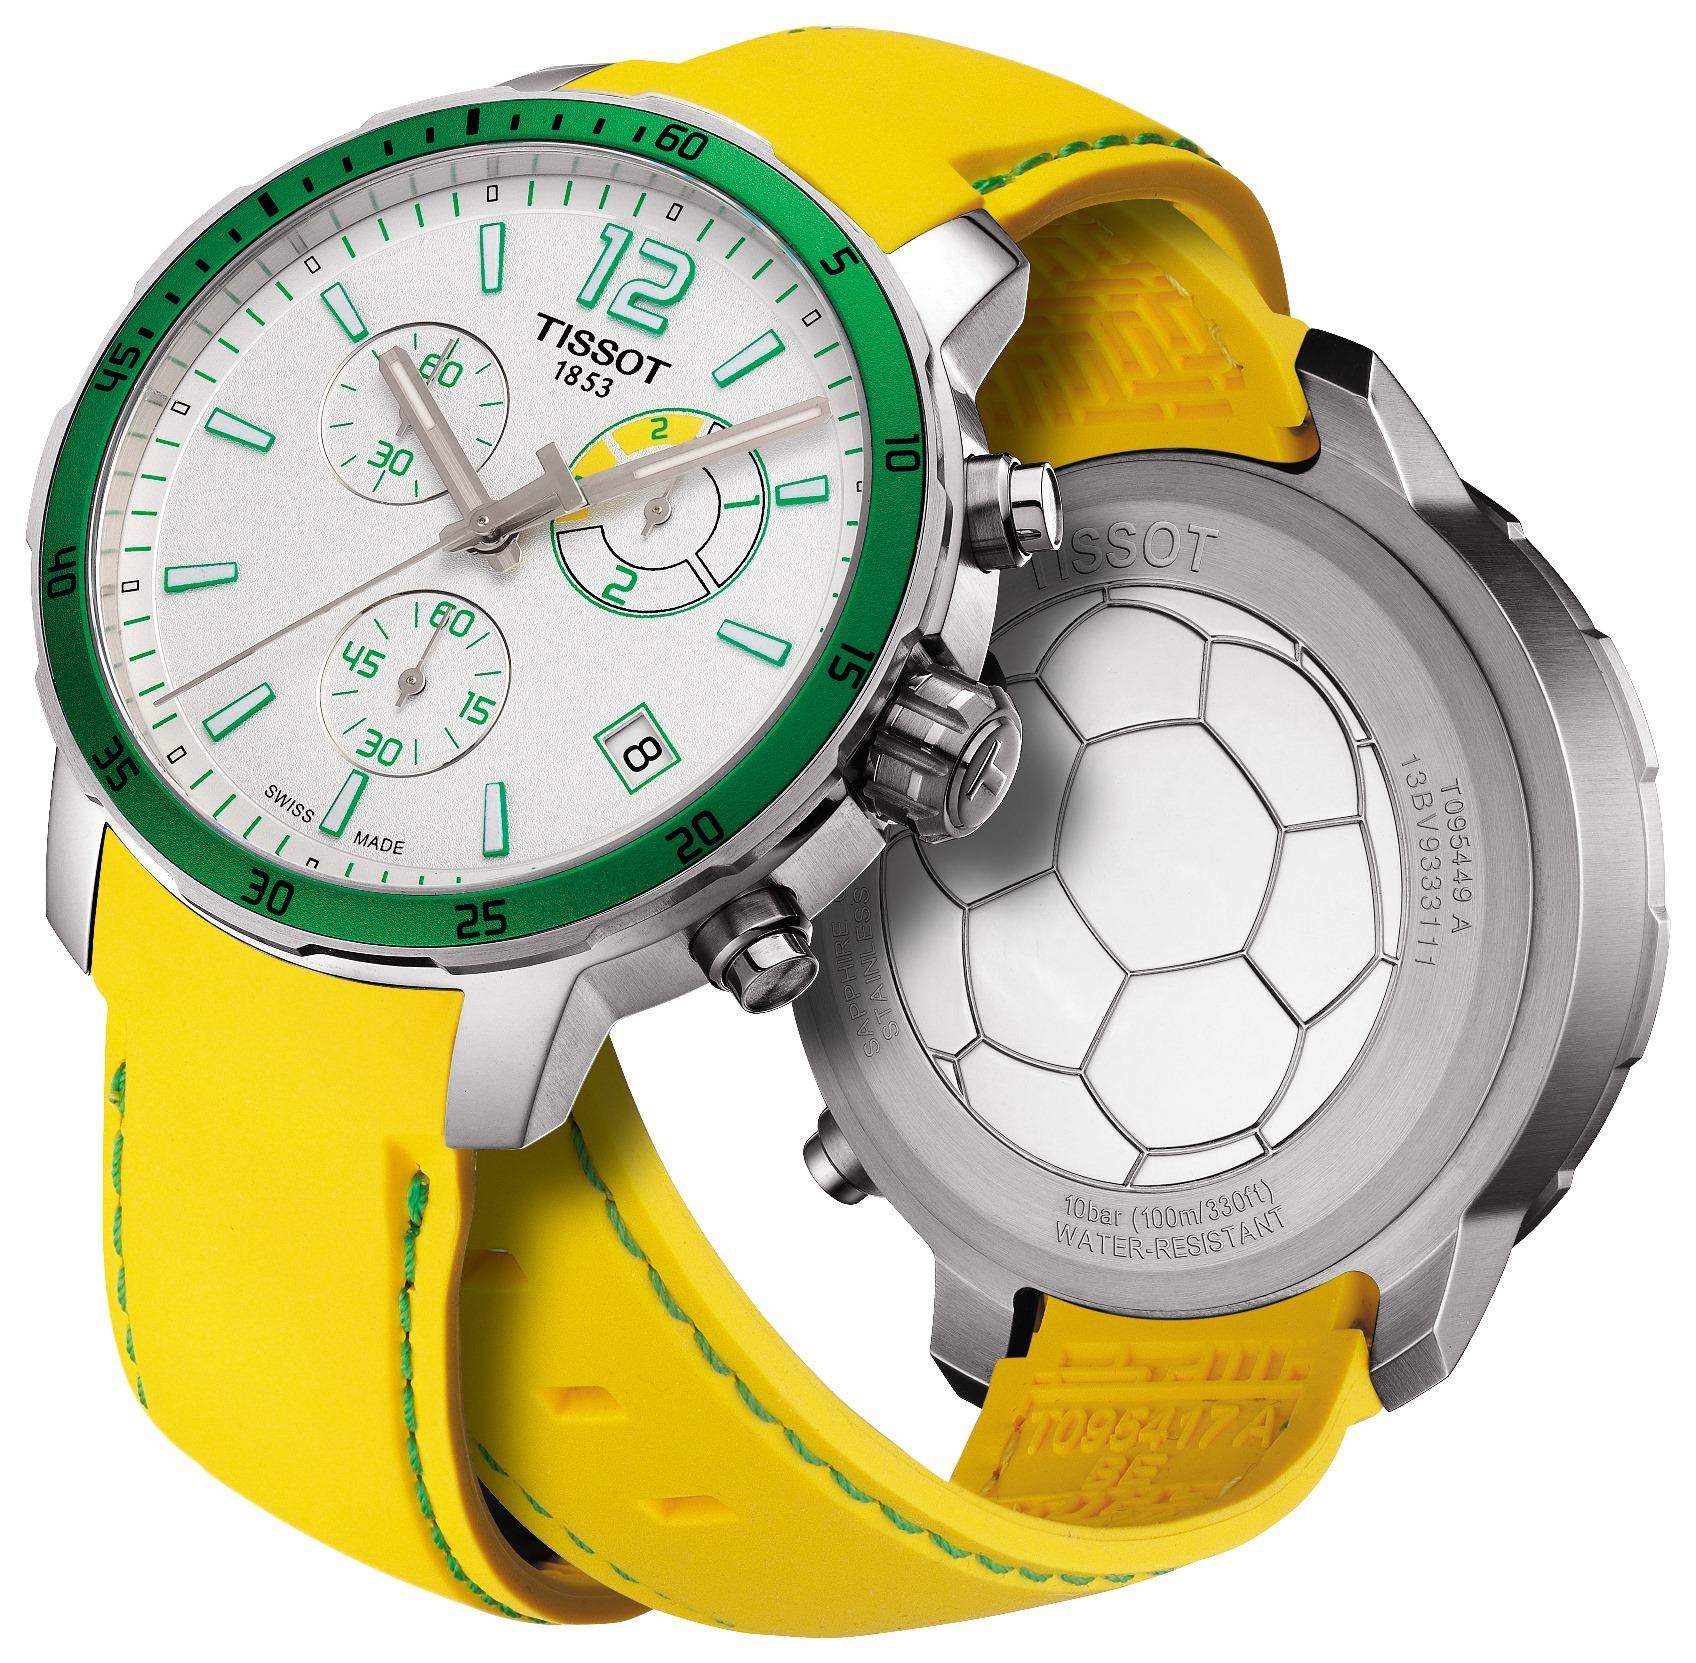 Quickster Football T095 449 17 037 01 MT 0a295fdcfa1